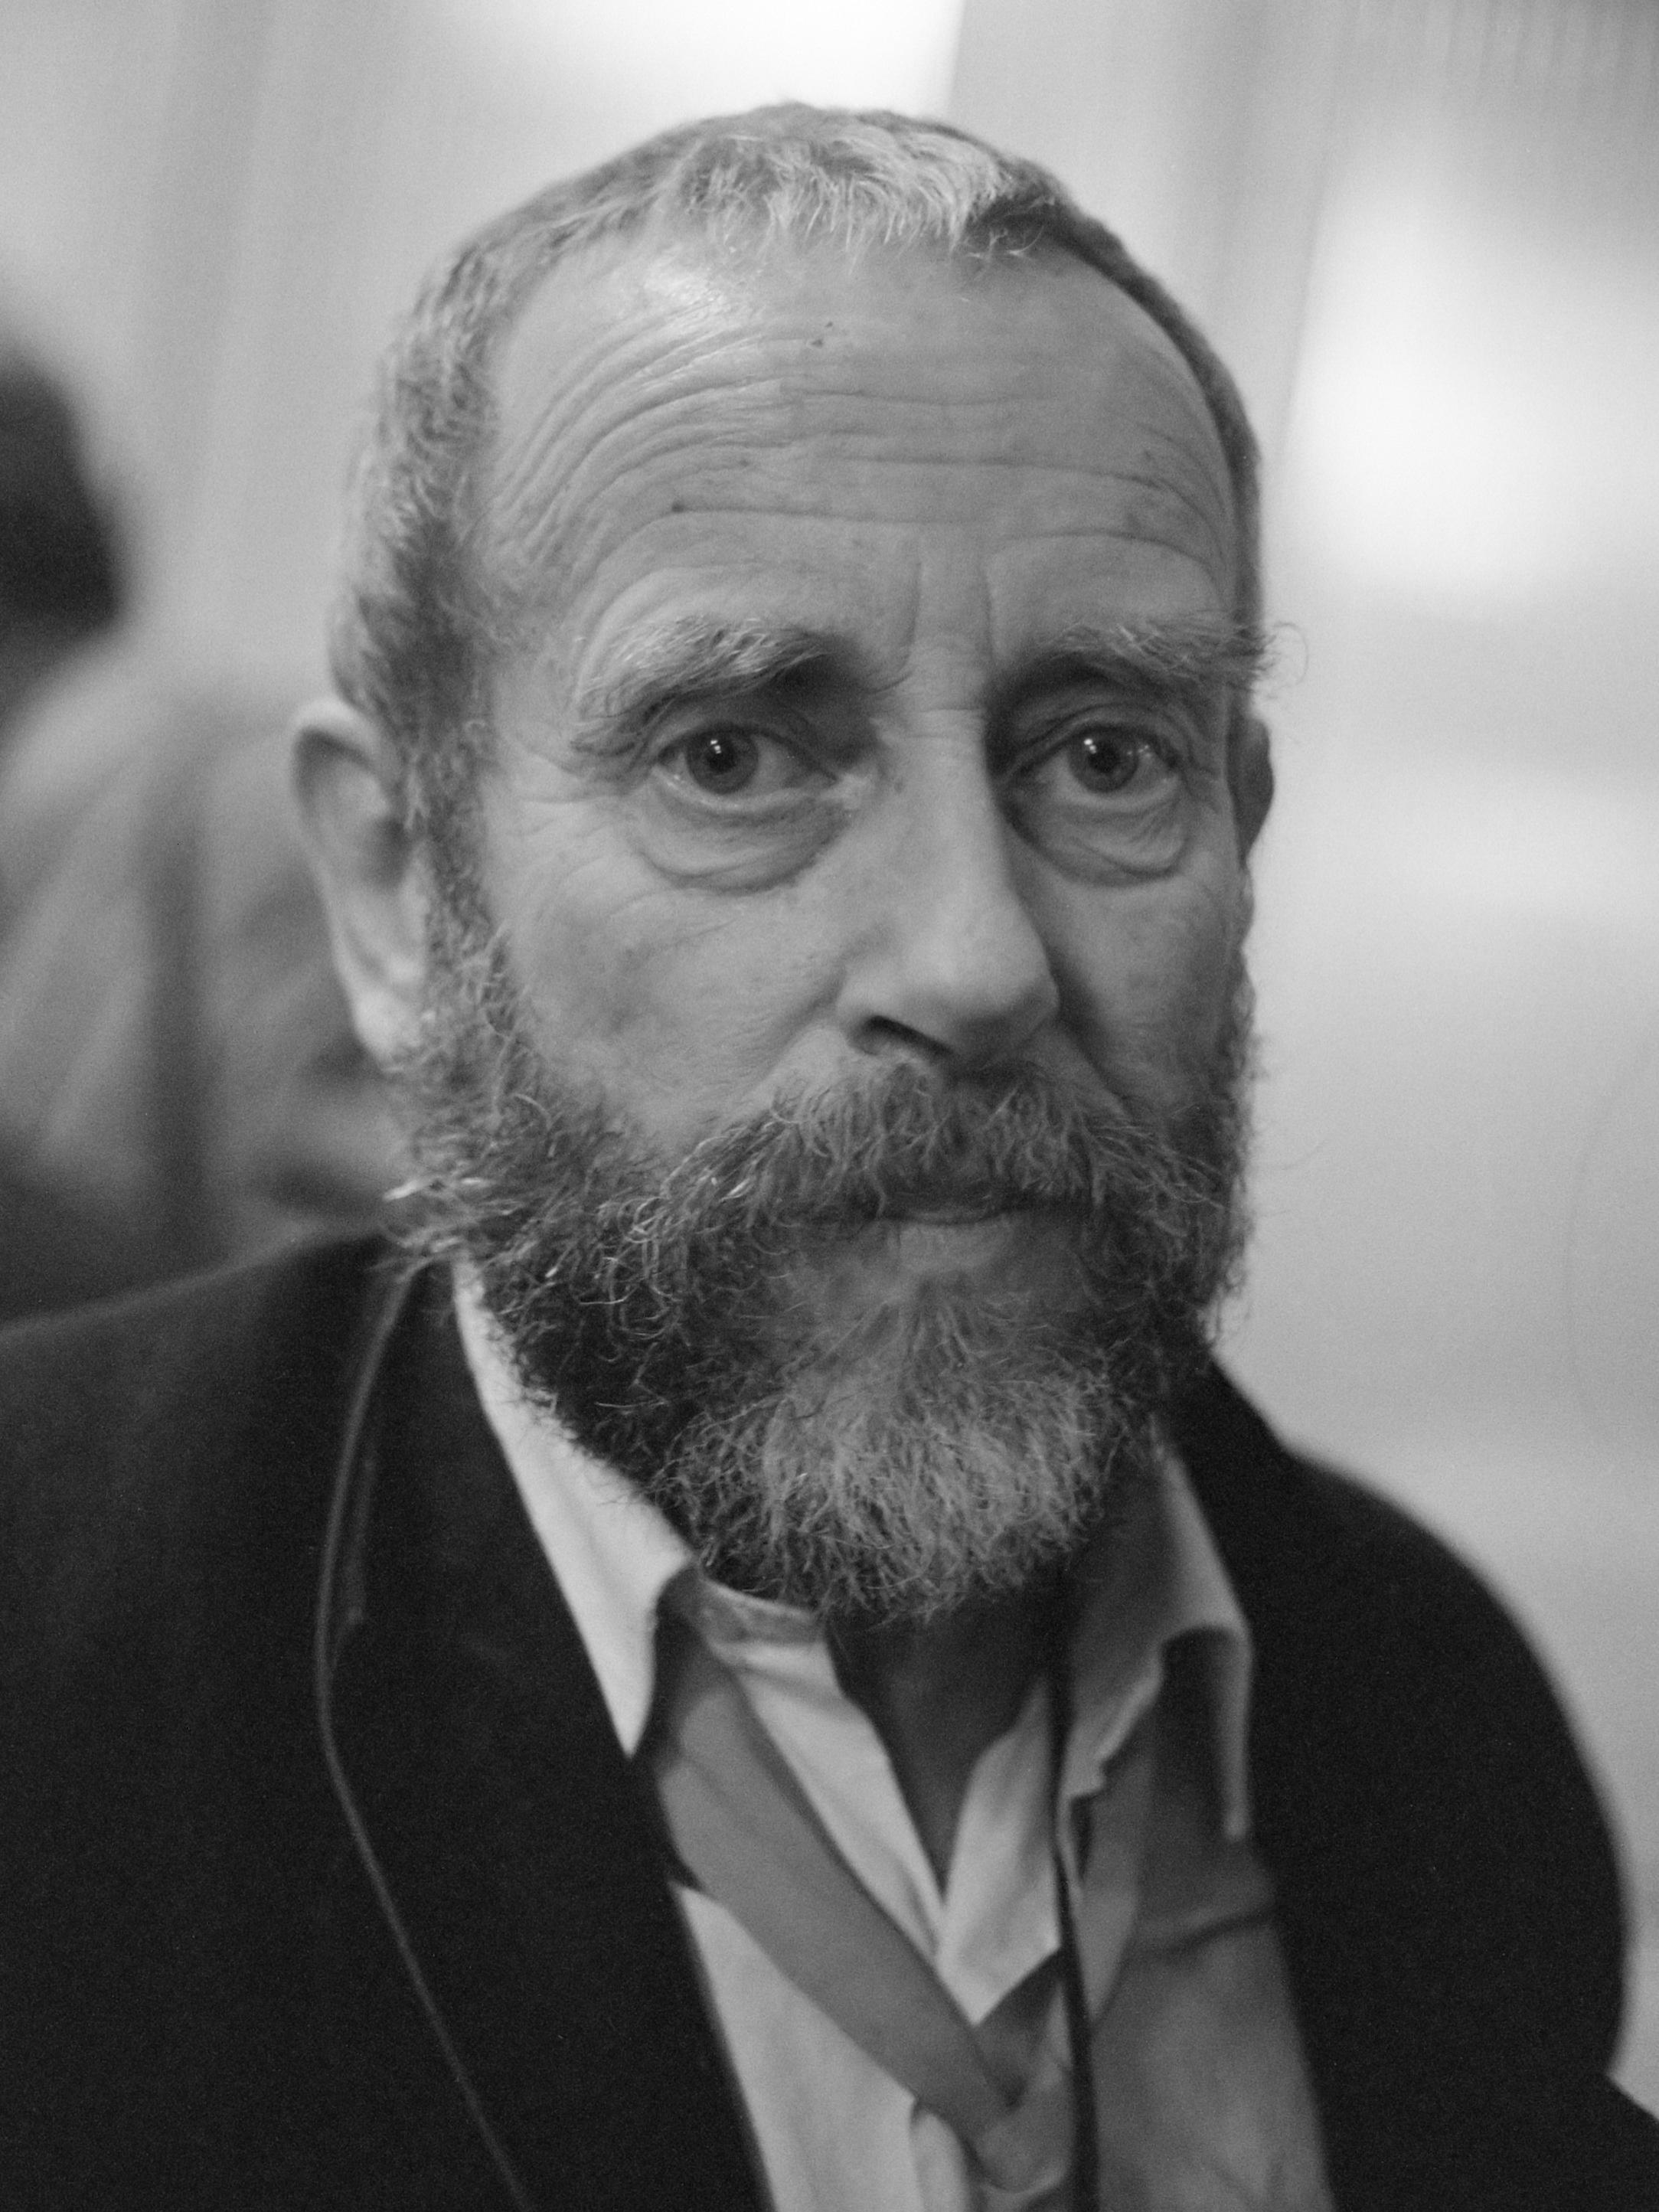 Werk gevraagd Ed van der Elsken (1925-1990)